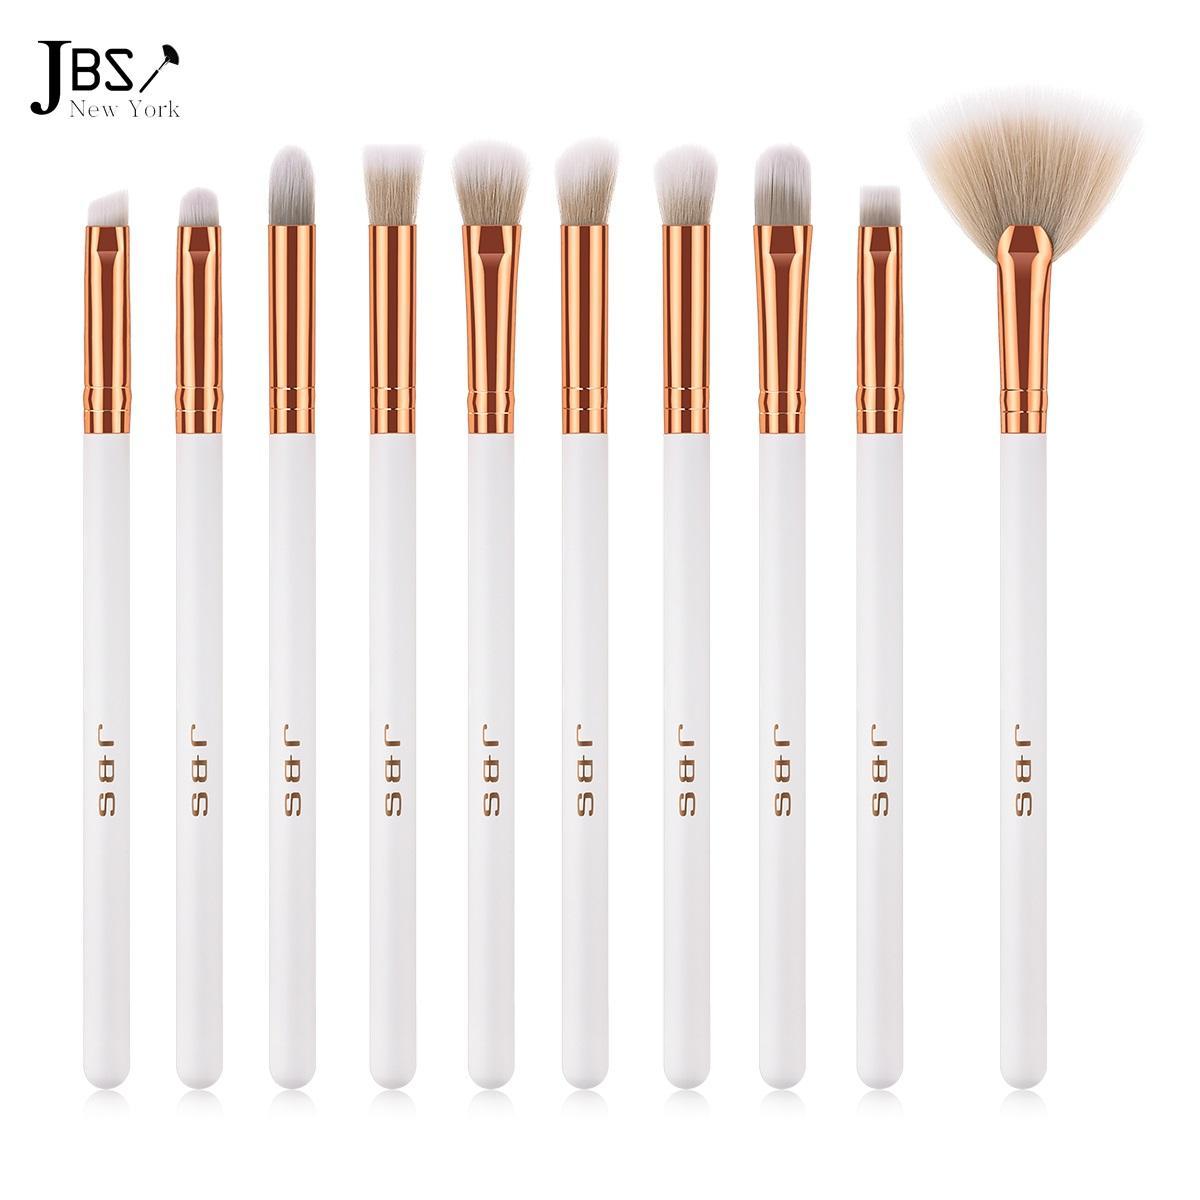 jbs new york  kuas makeup brush 10  set – make up set / k023